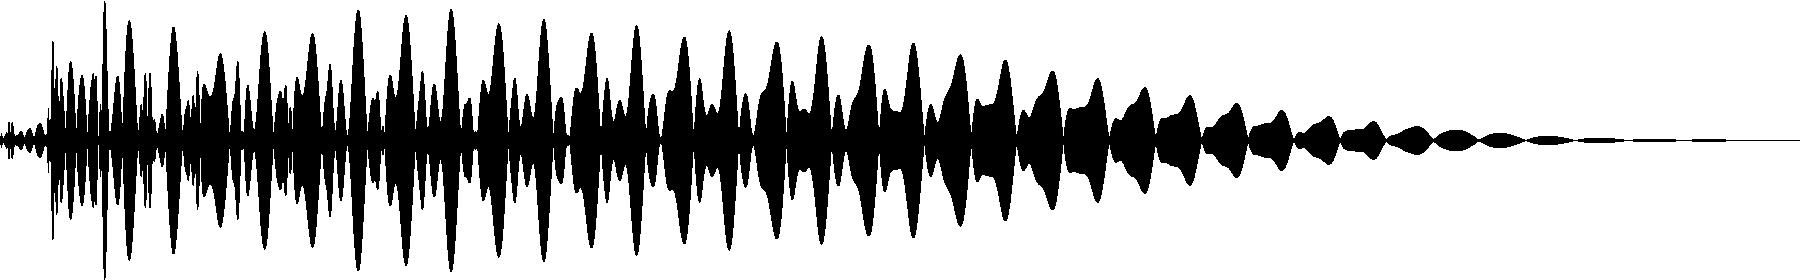 vedh bass cut 020 f